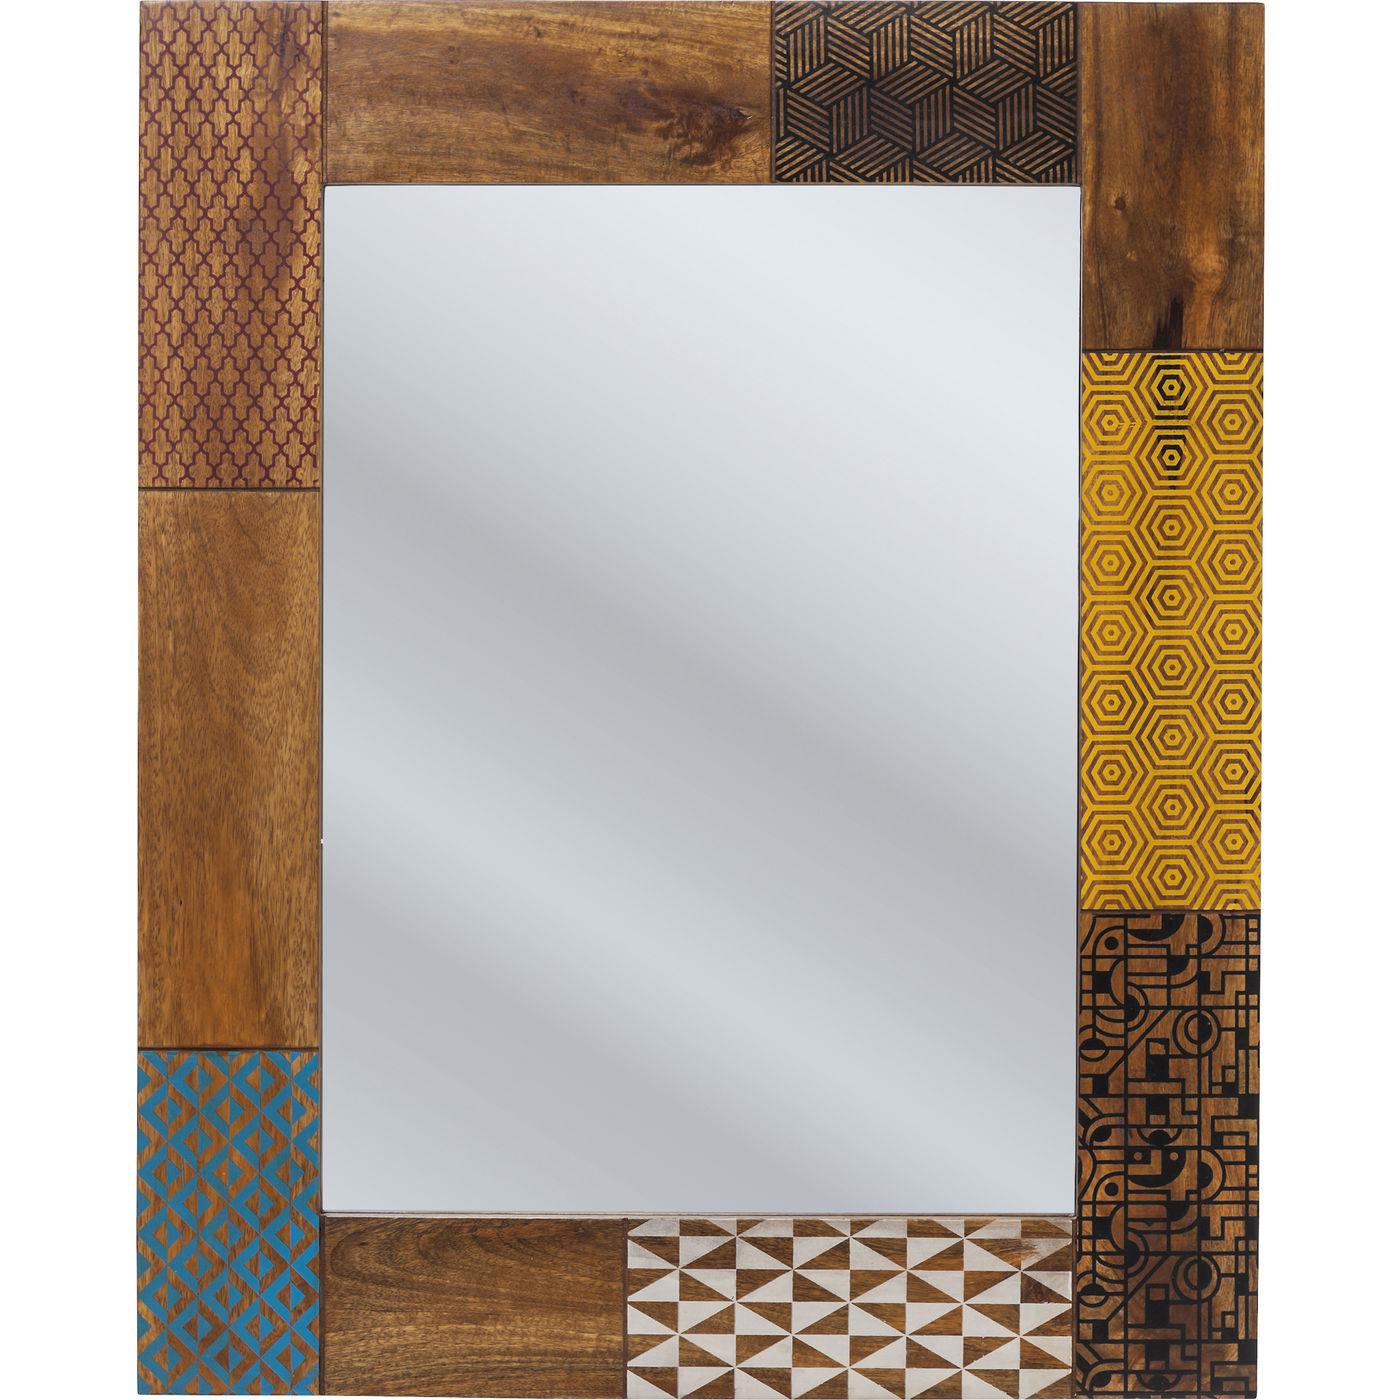 Billede af Kare Design Spejl, Soleil 100x80cm